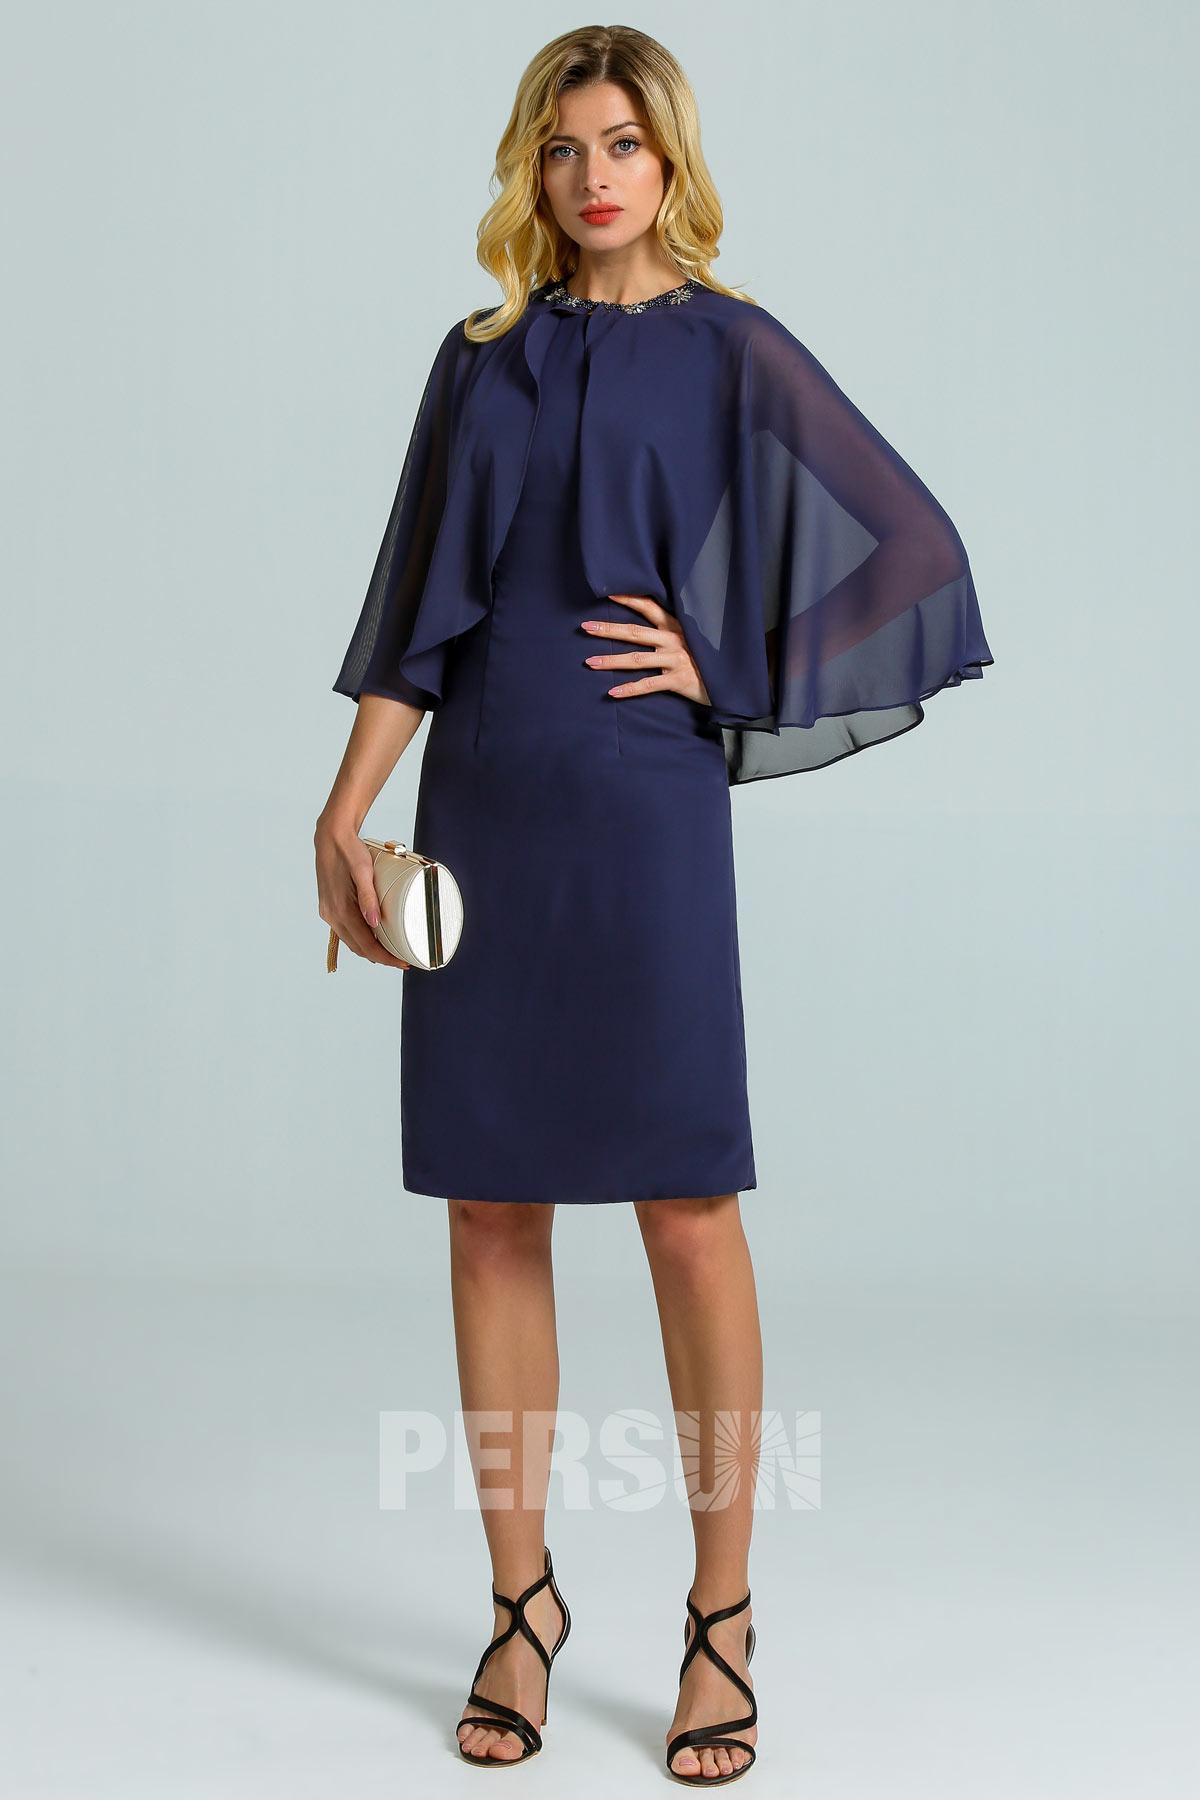 robe de cocktail courte bleu nuit moulante simple avec cape ornée de strass